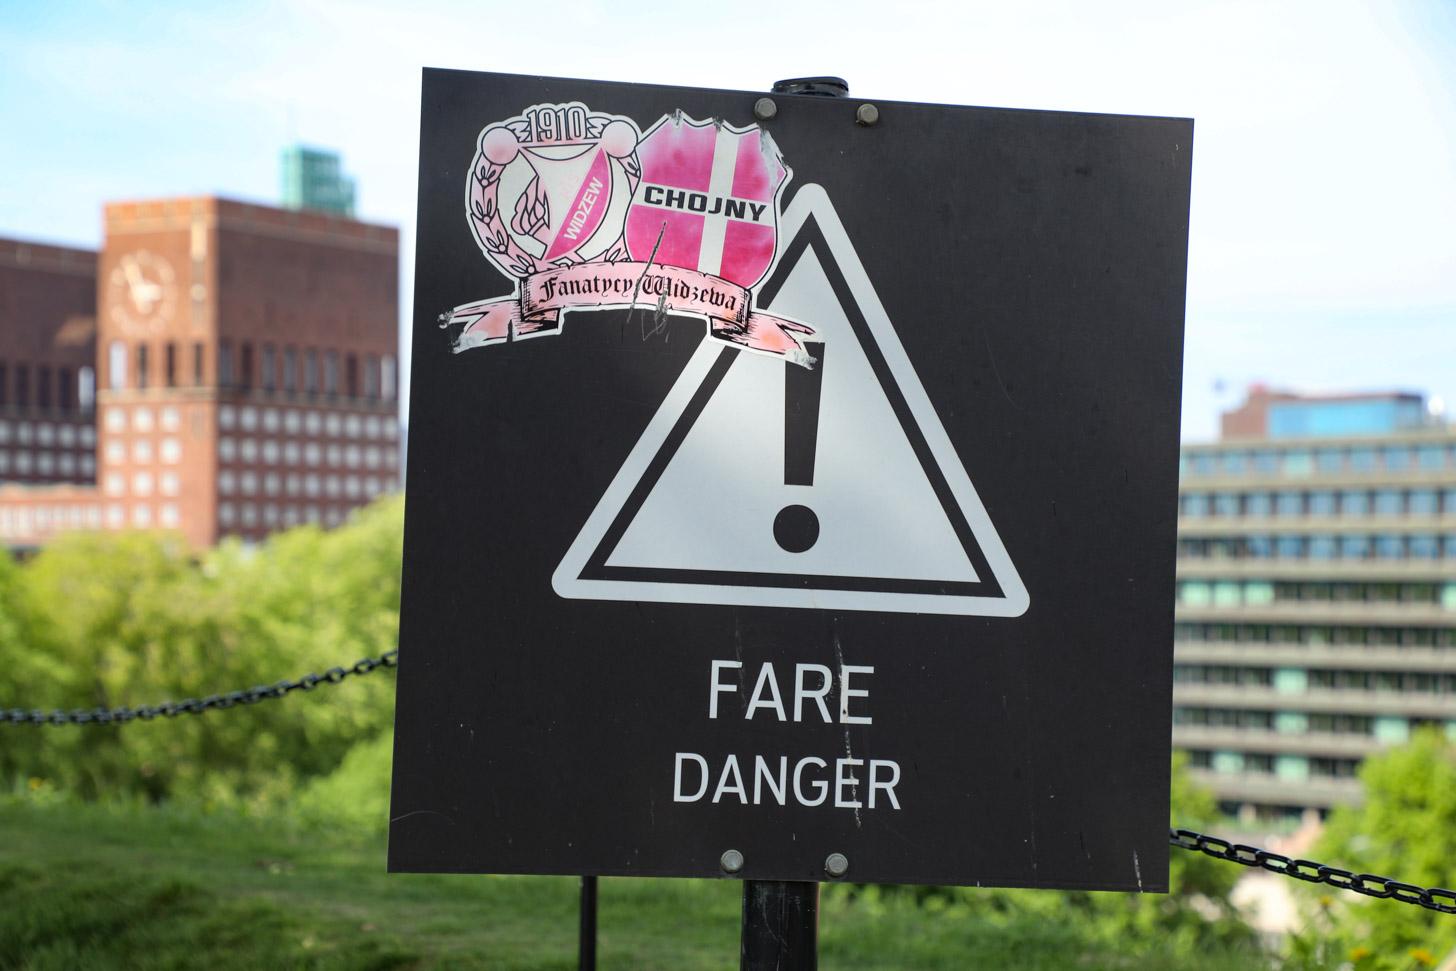 Oslo is een veilige stad